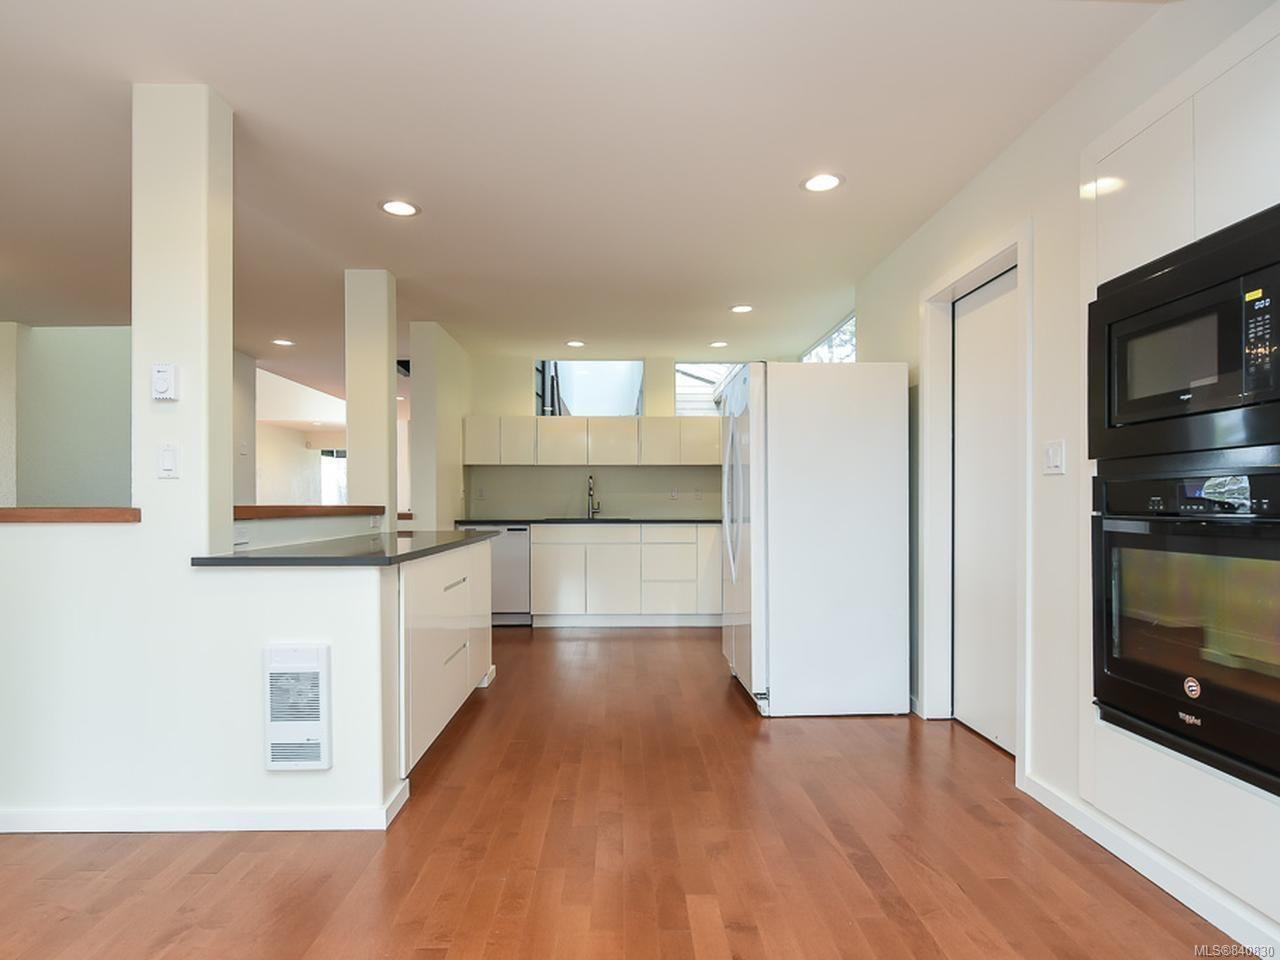 Photo 21: Photos: 1156 Moore Rd in COMOX: CV Comox Peninsula House for sale (Comox Valley)  : MLS®# 840830